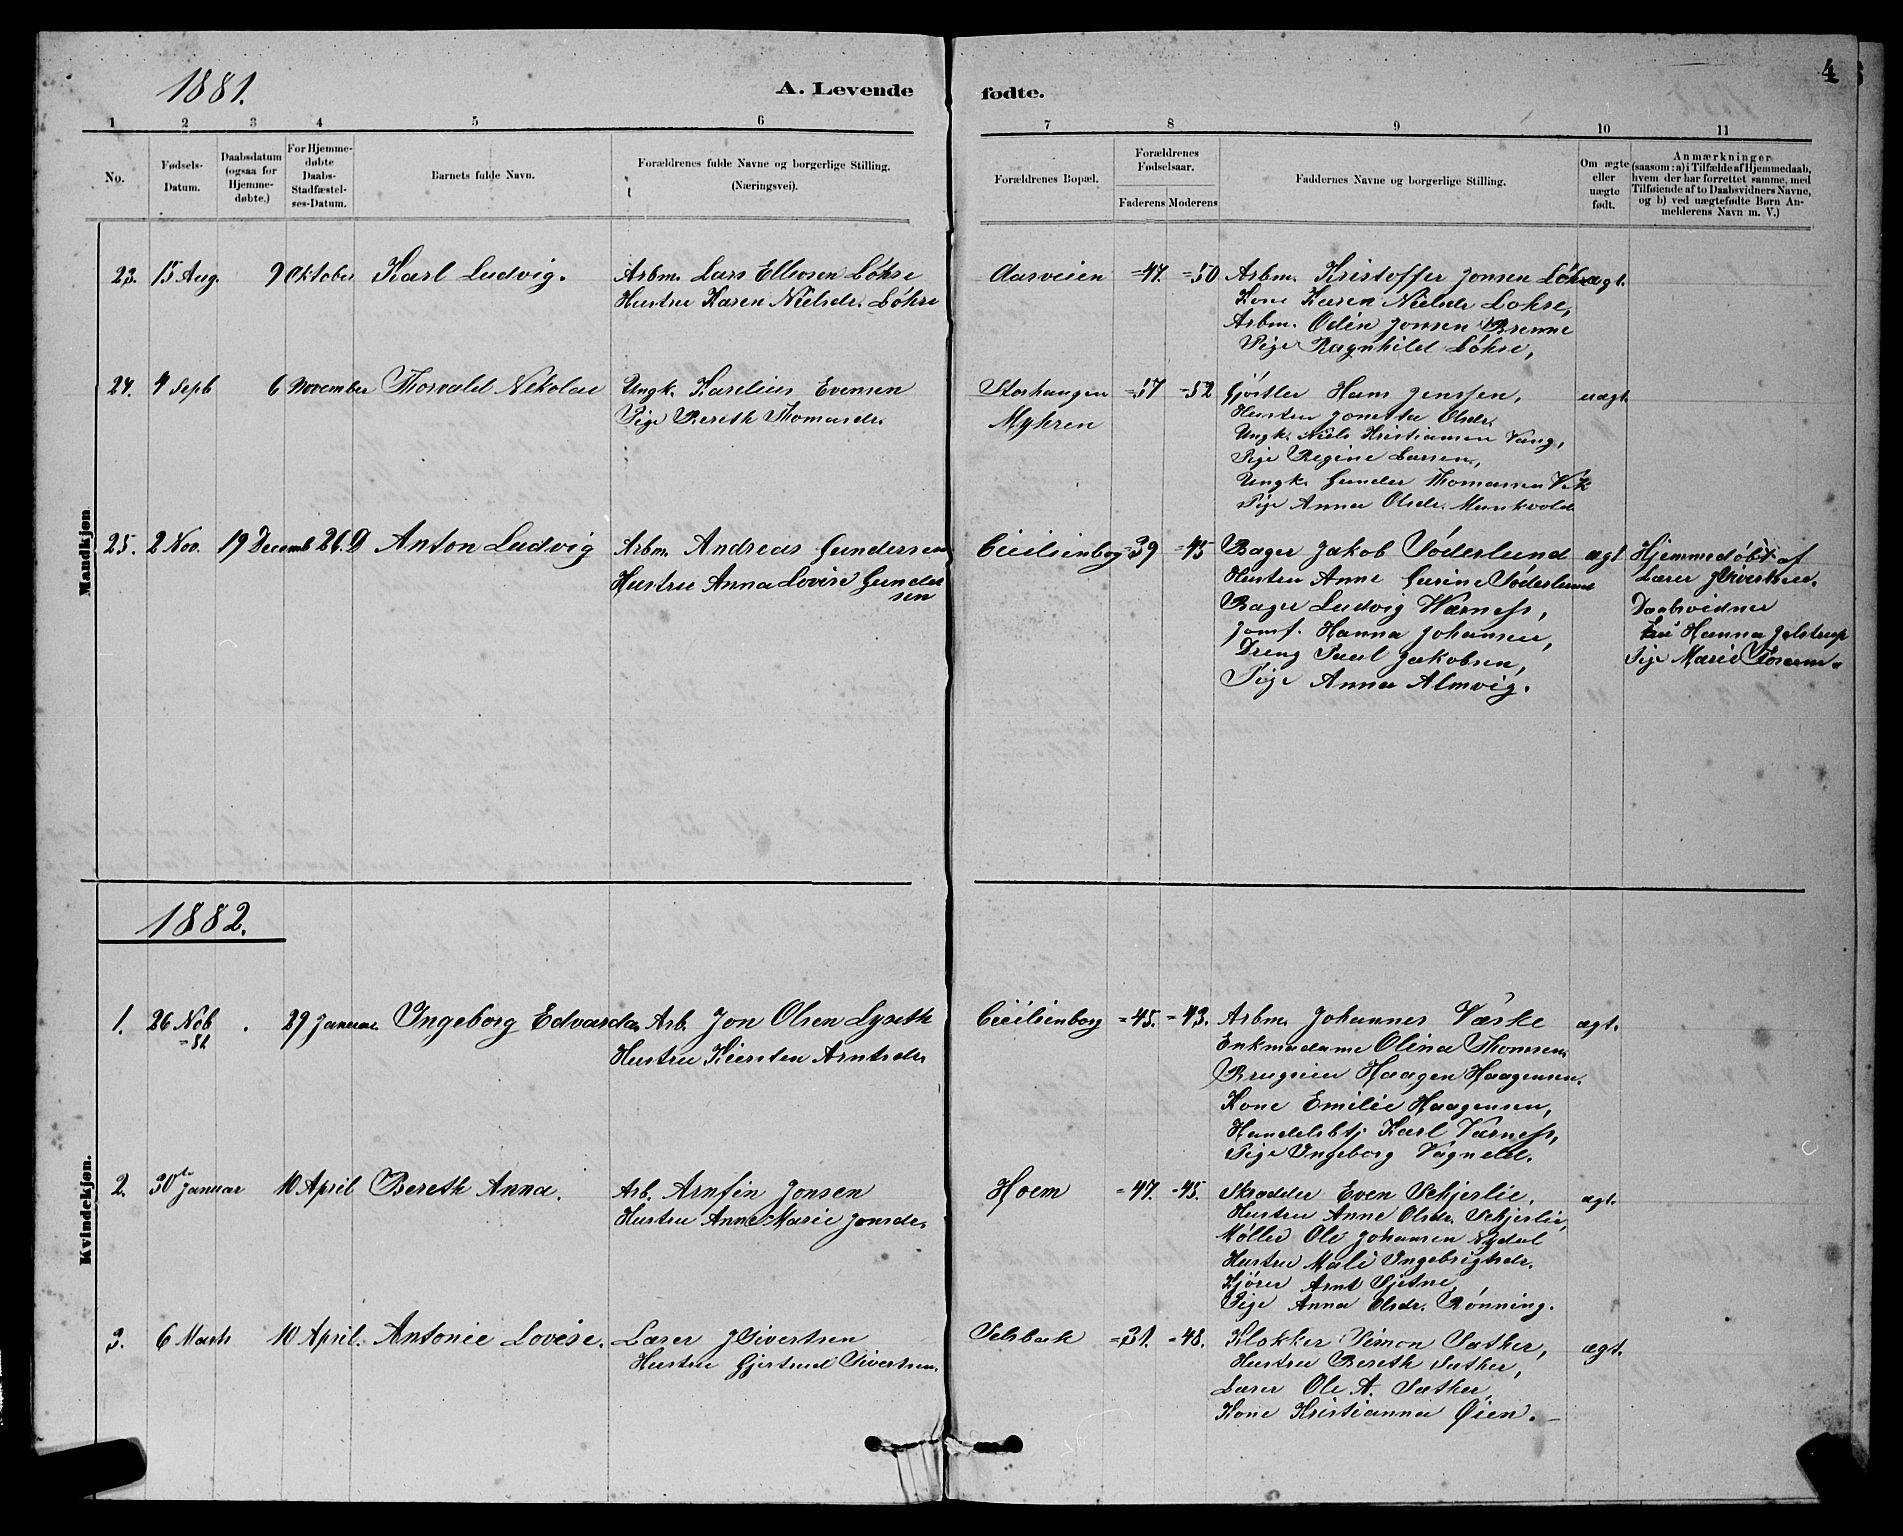 SAT, Ministerialprotokoller, klokkerbøker og fødselsregistre - Sør-Trøndelag, 611/L0354: Klokkerbok nr. 611C02, 1881-1896, s. 4